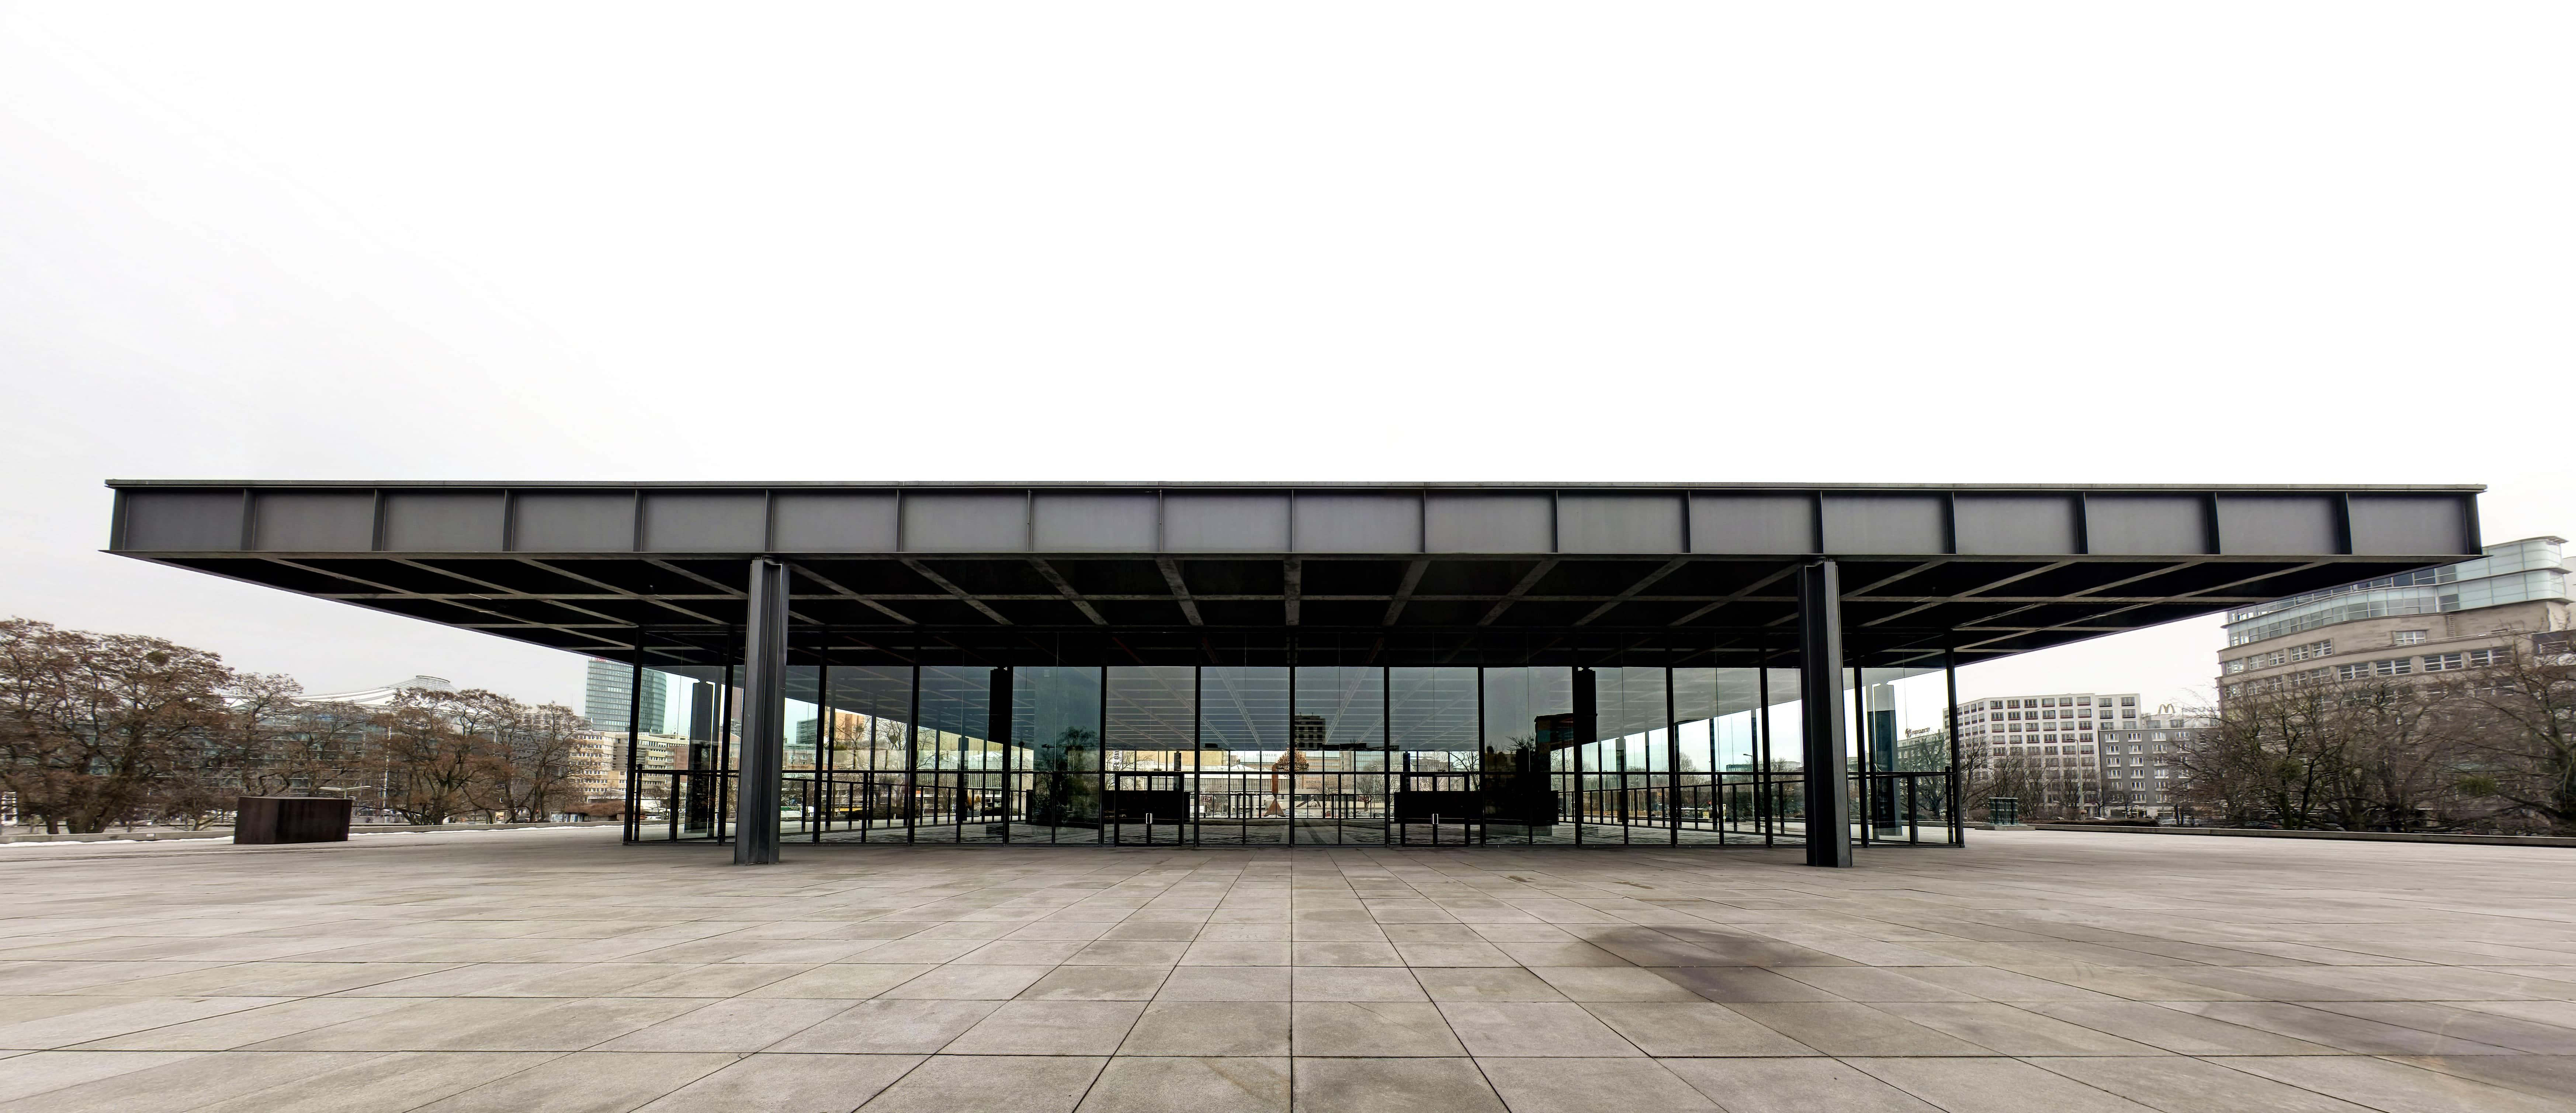 The Neue Nationalgalerie U0026 39 S Rehabilitation